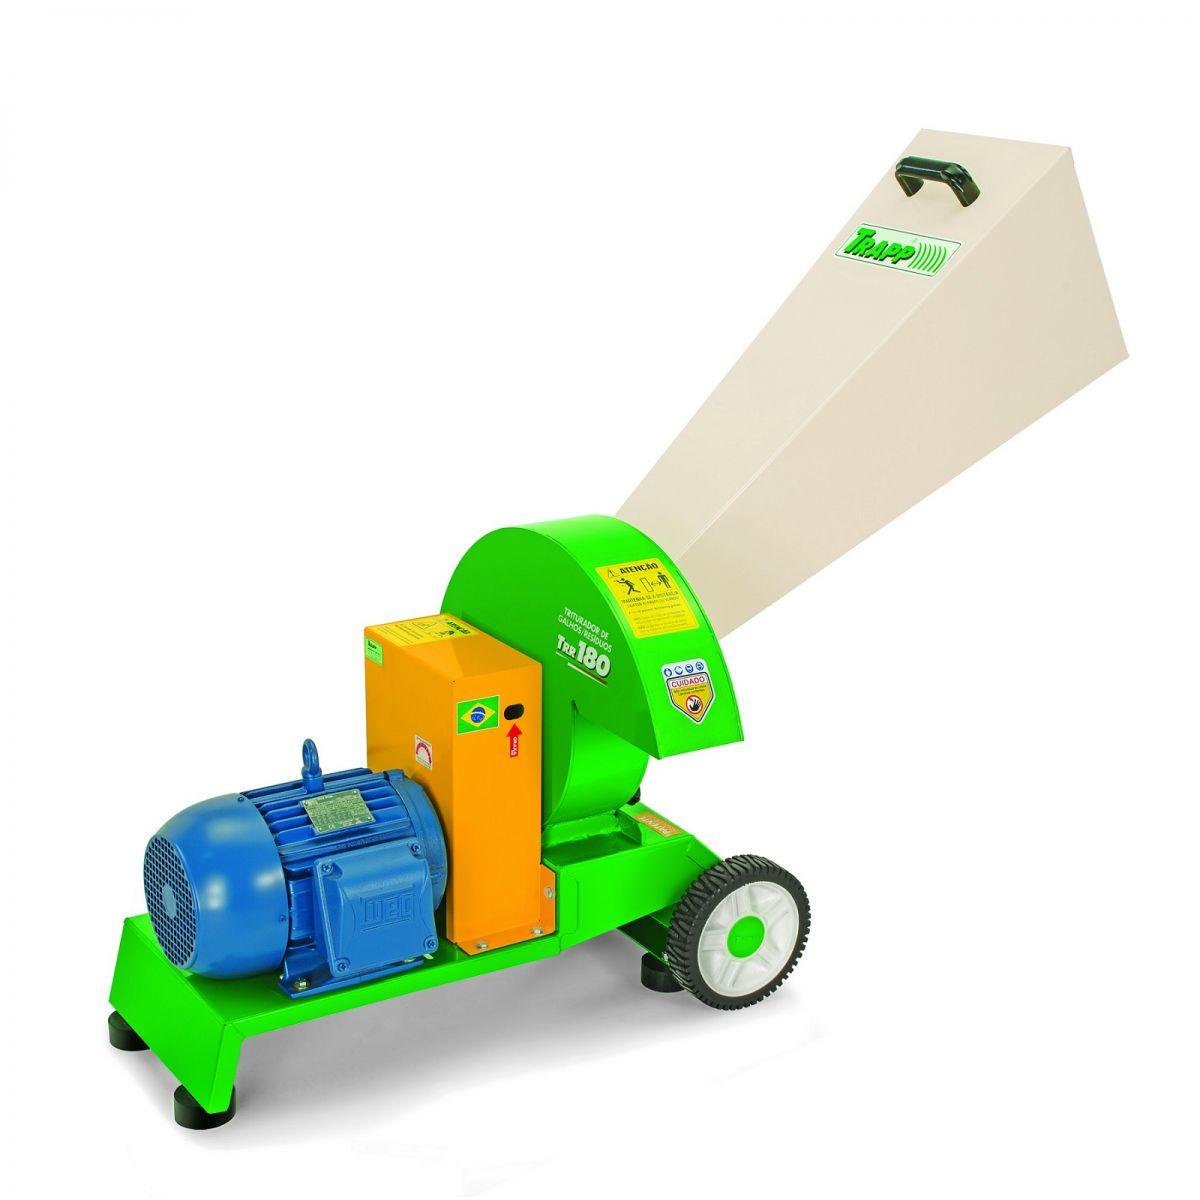 Triturador de Galhos e Resíduos TRR 180 220 / 380V Trif - Trapp